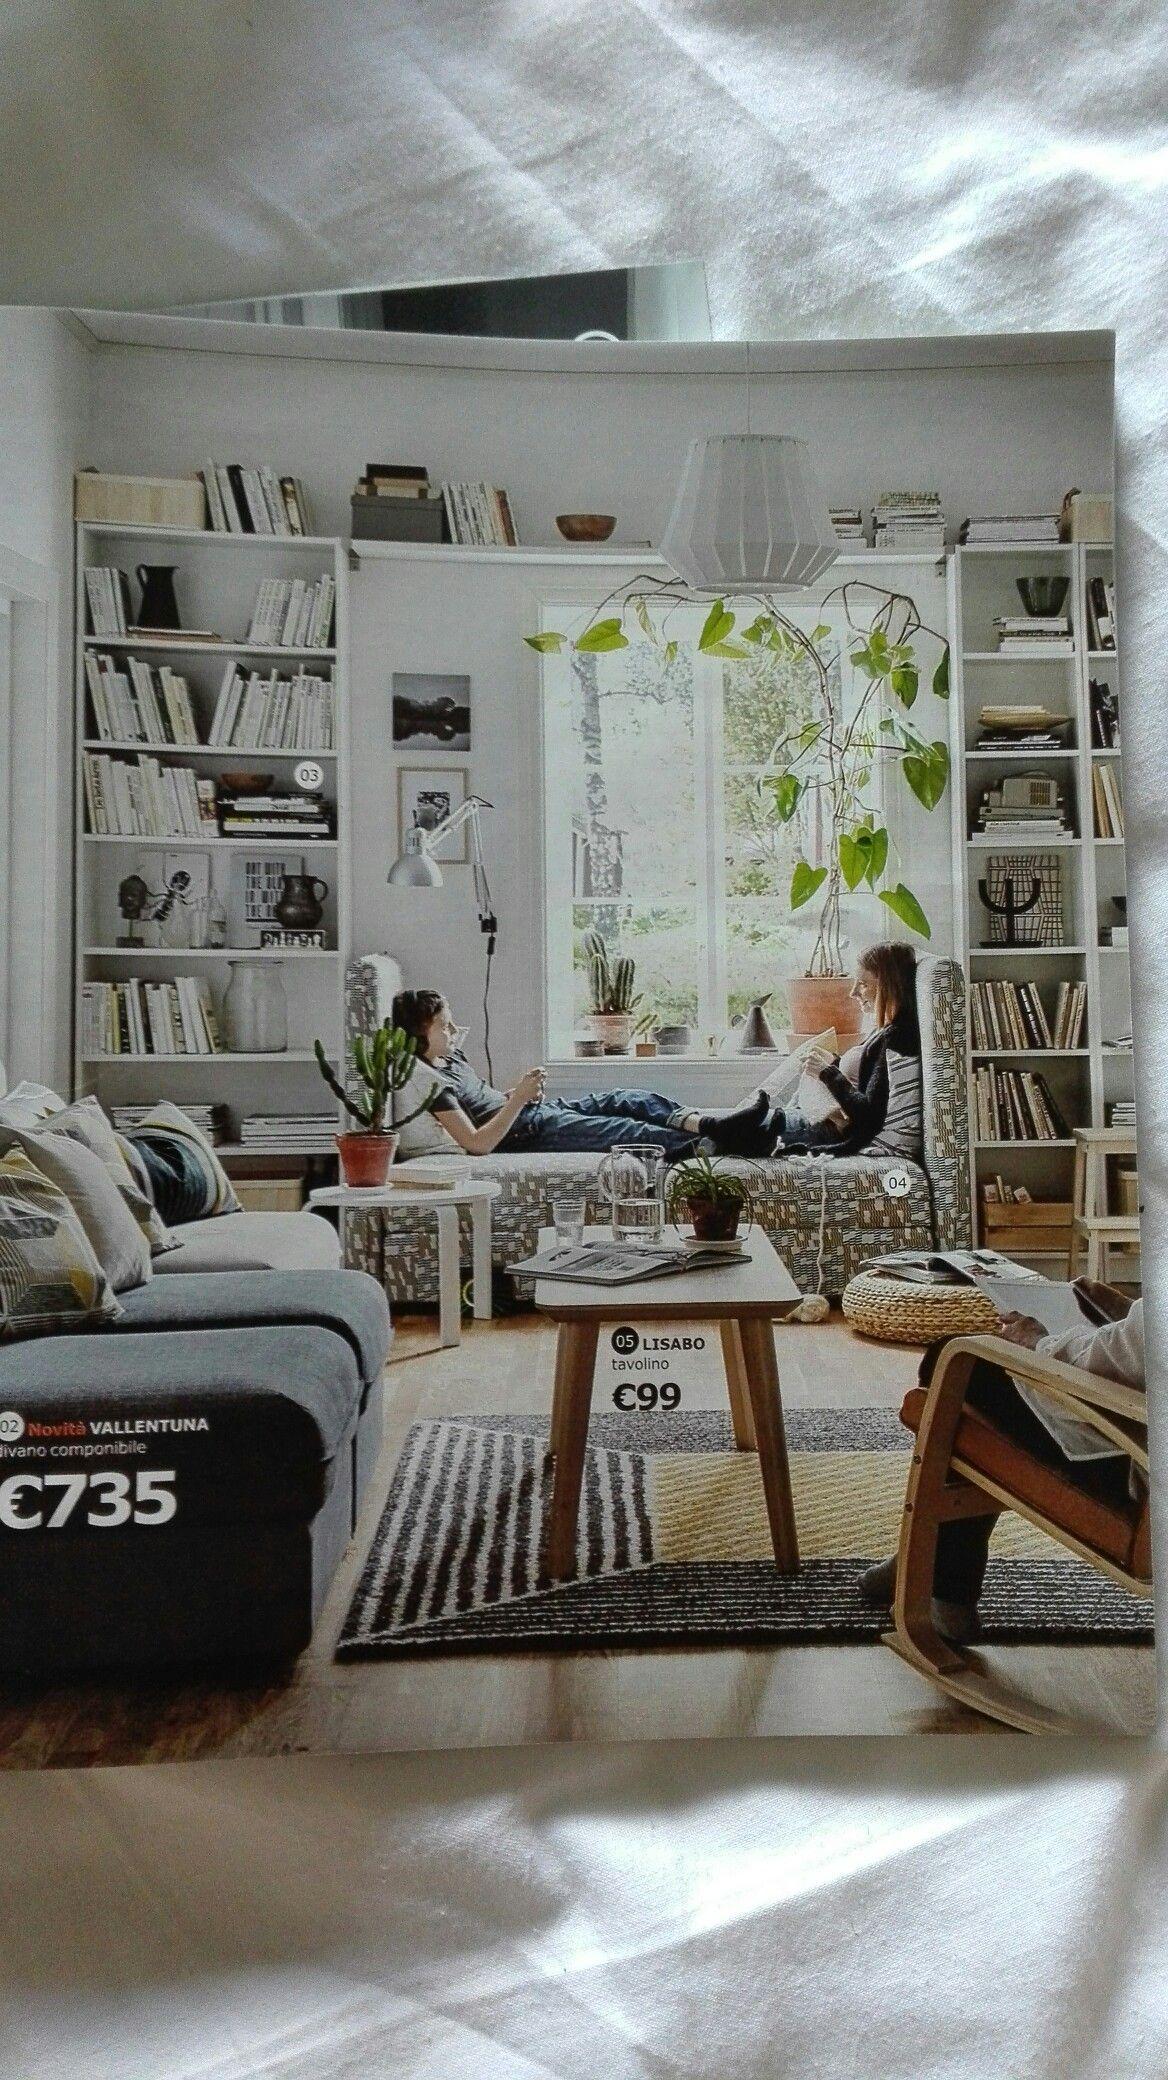 soggiorno ikea 2 | soggiorno | pinterest | ikea - Foto Soggiorno Ikea 2